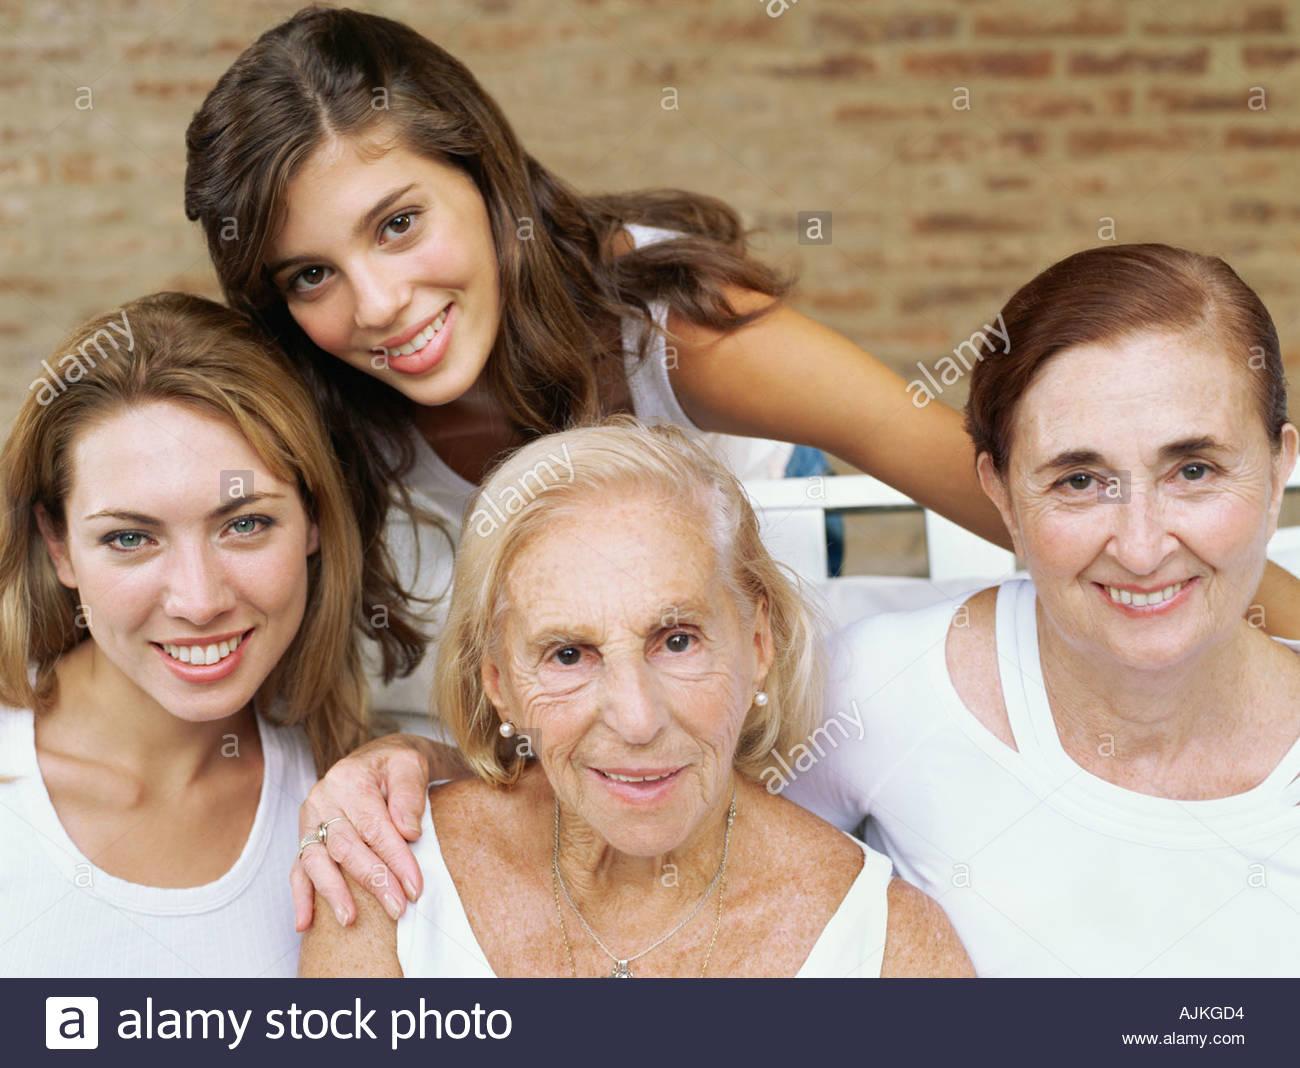 Female relatives - Stock Image